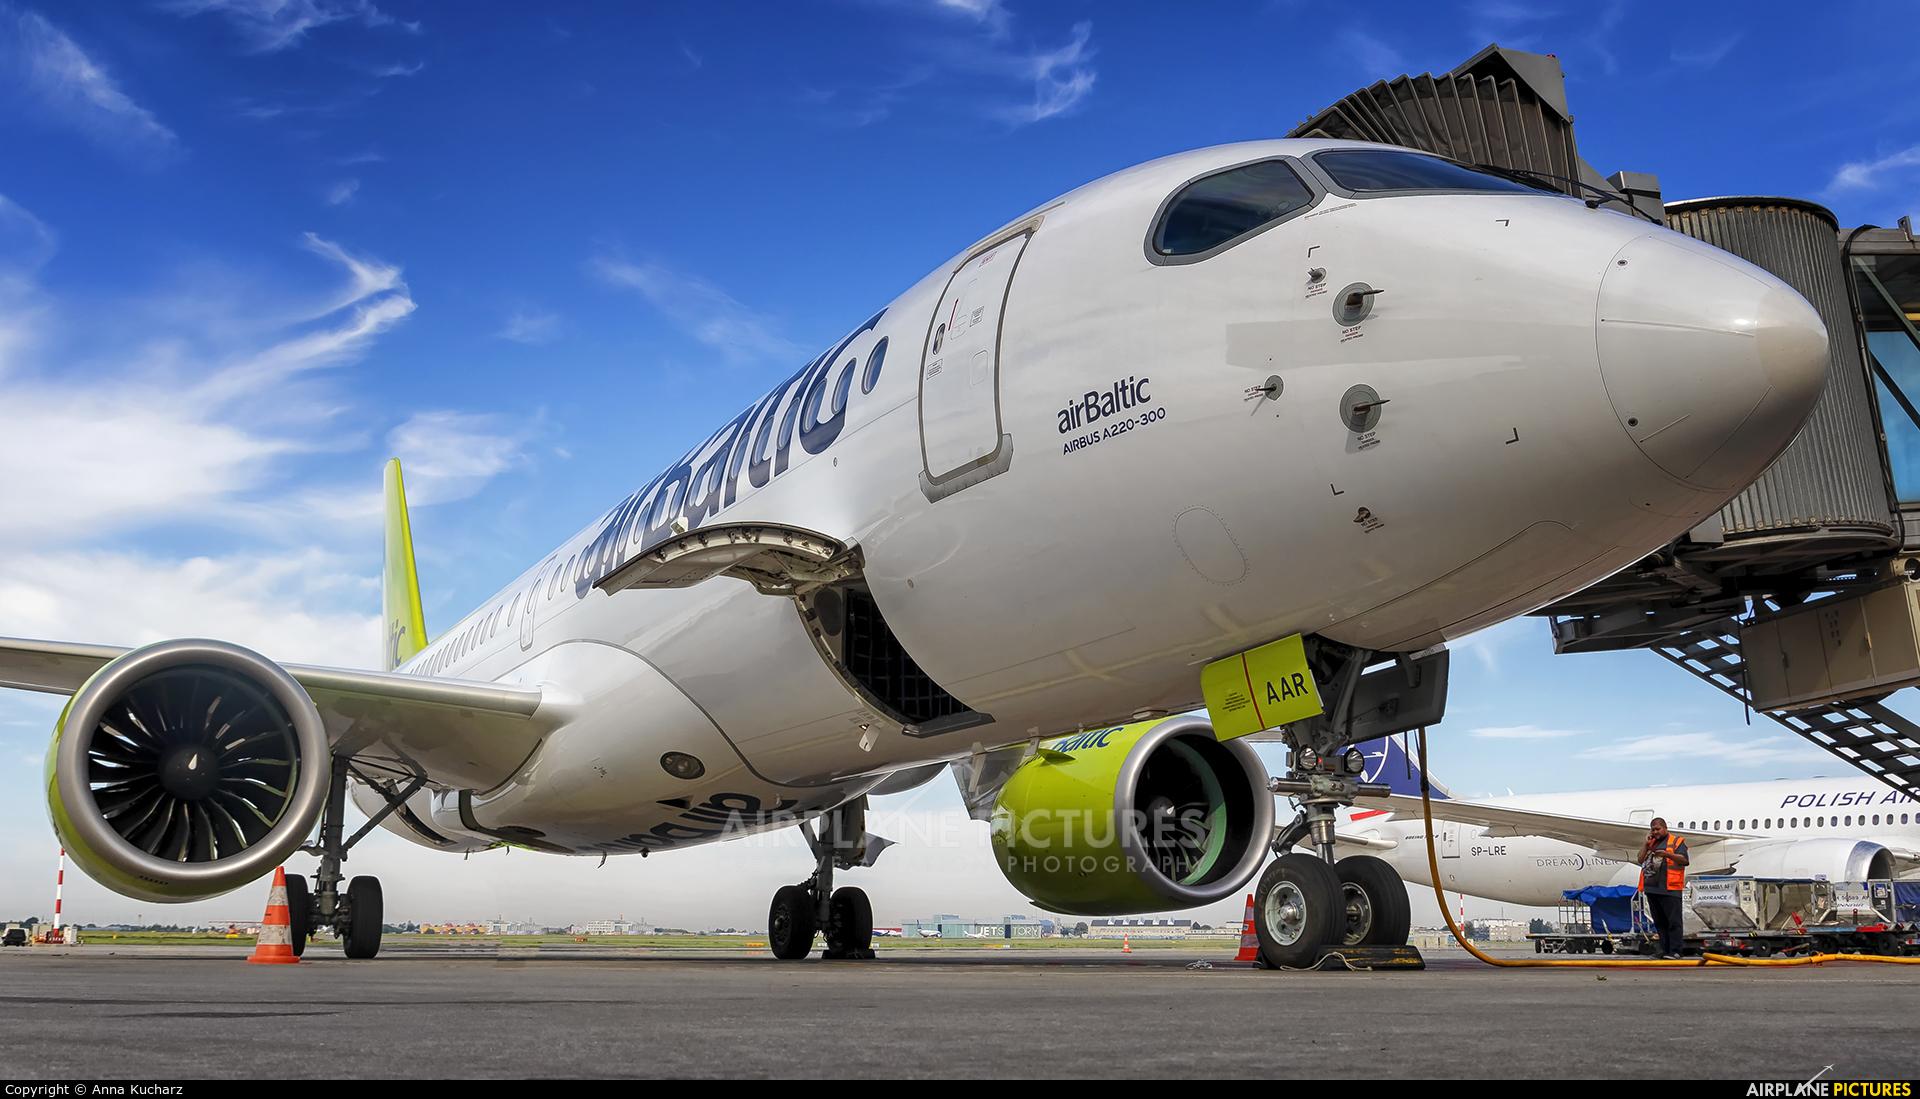 Air Baltic YL-AAR aircraft at Warsaw - Frederic Chopin